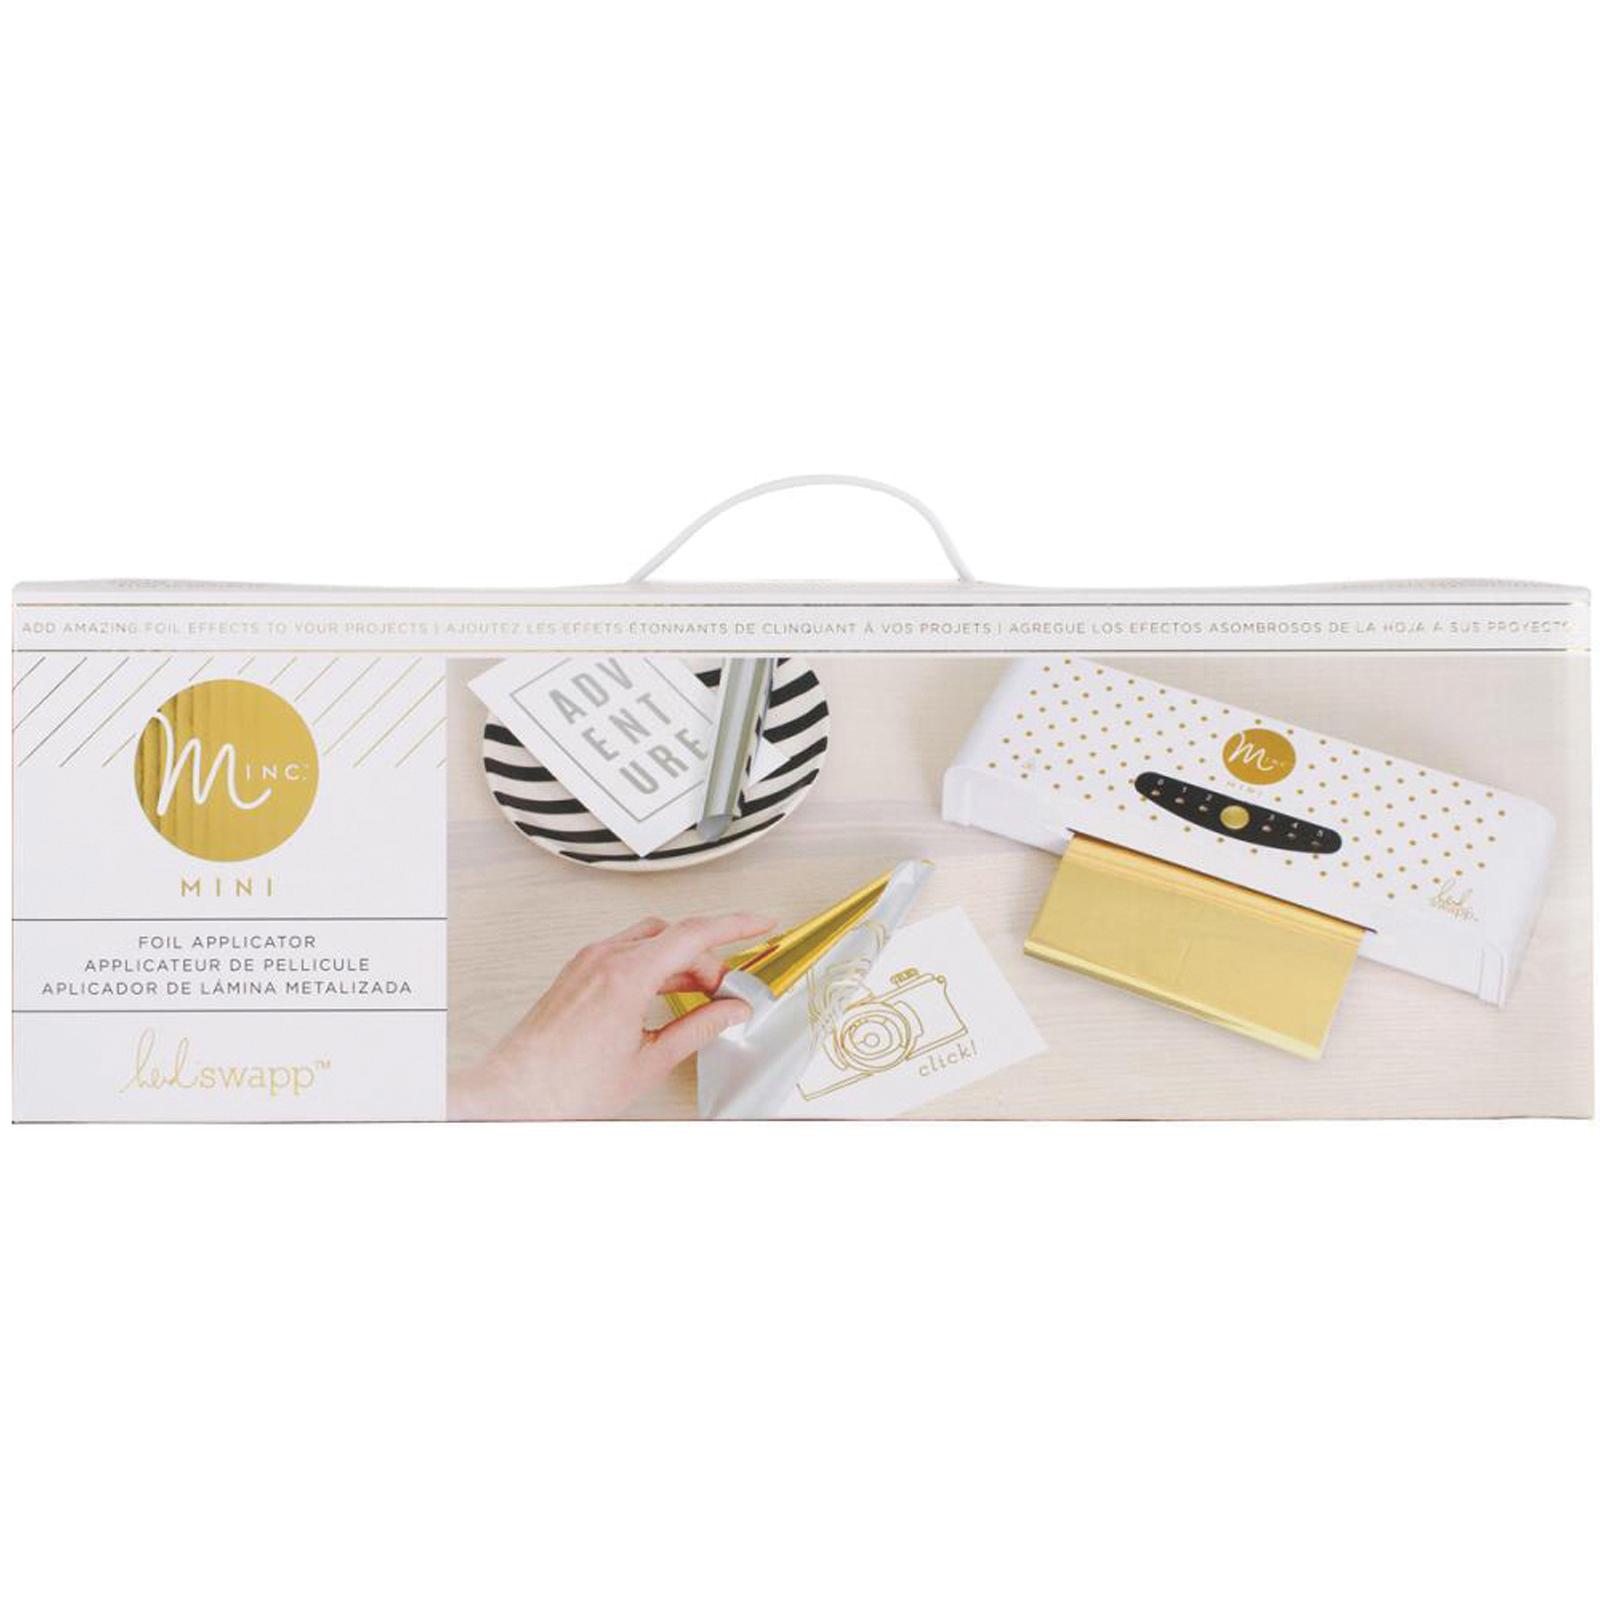 MINC Starter Kit, 6 Foil Applicator with Transfer Folder